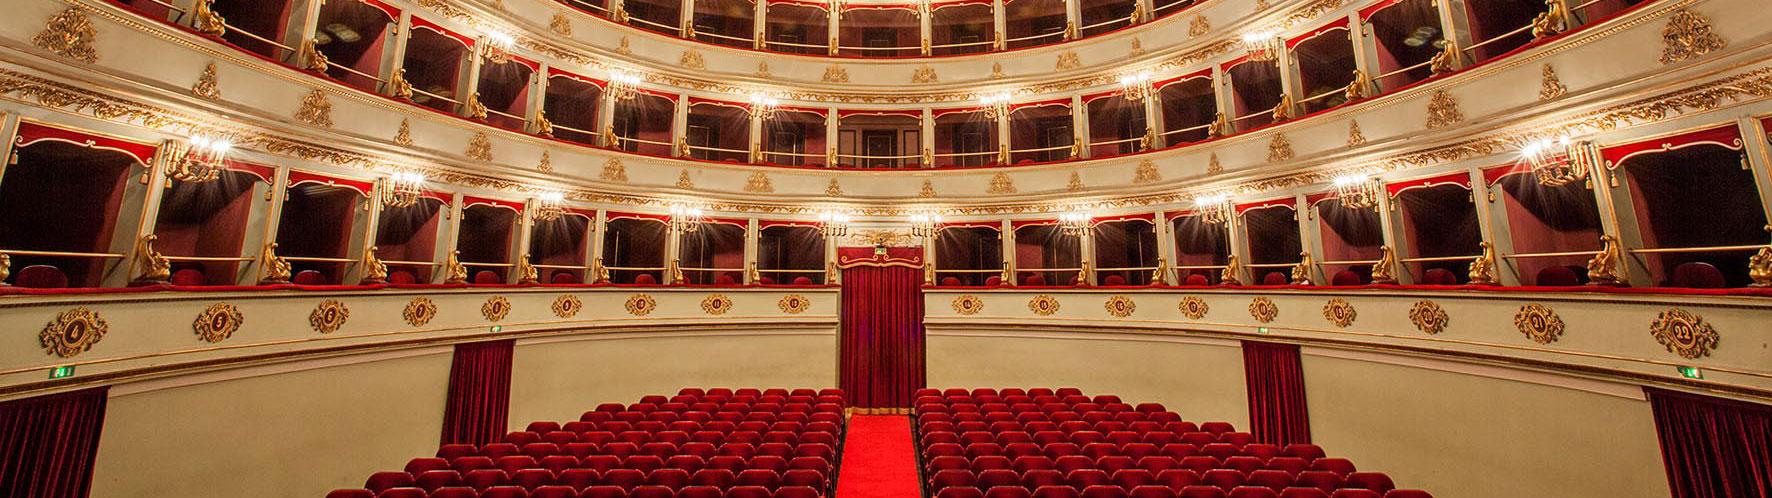 teatro-pergolesi-cut